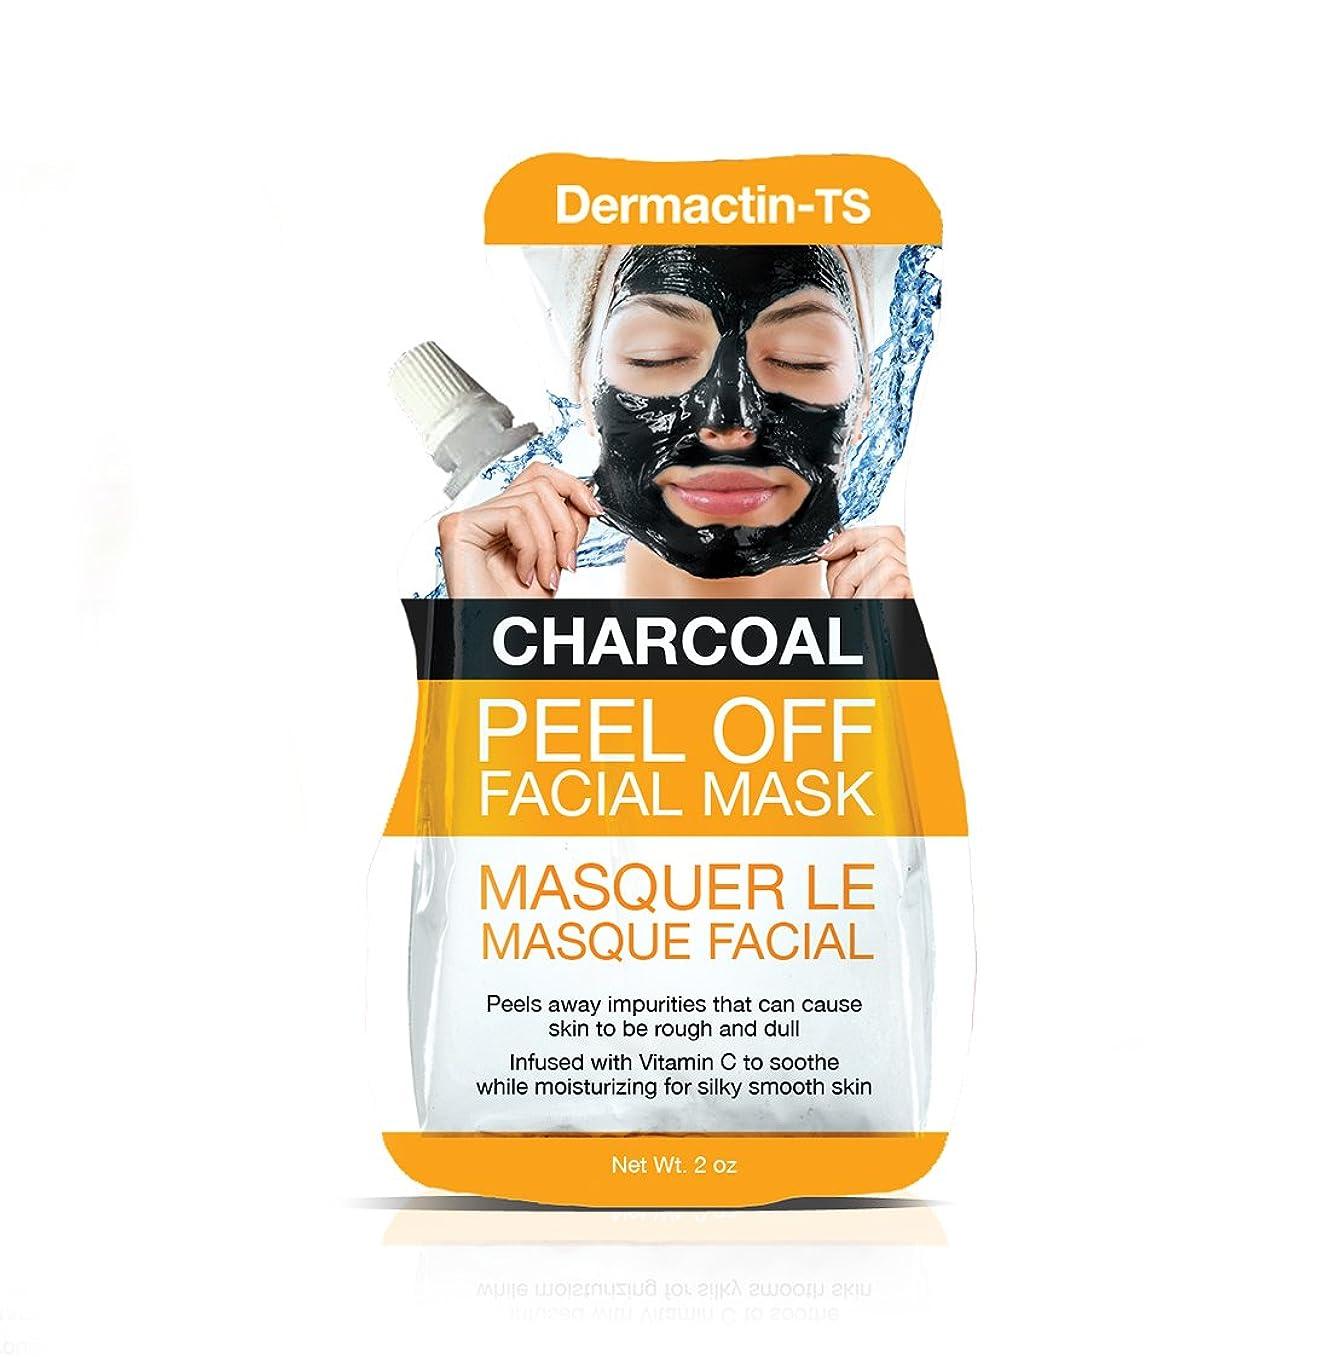 広範囲に感謝するカラスDermactin-TS フェイシャル?マスク?チャコール50g(パック2個) (並行輸入品)